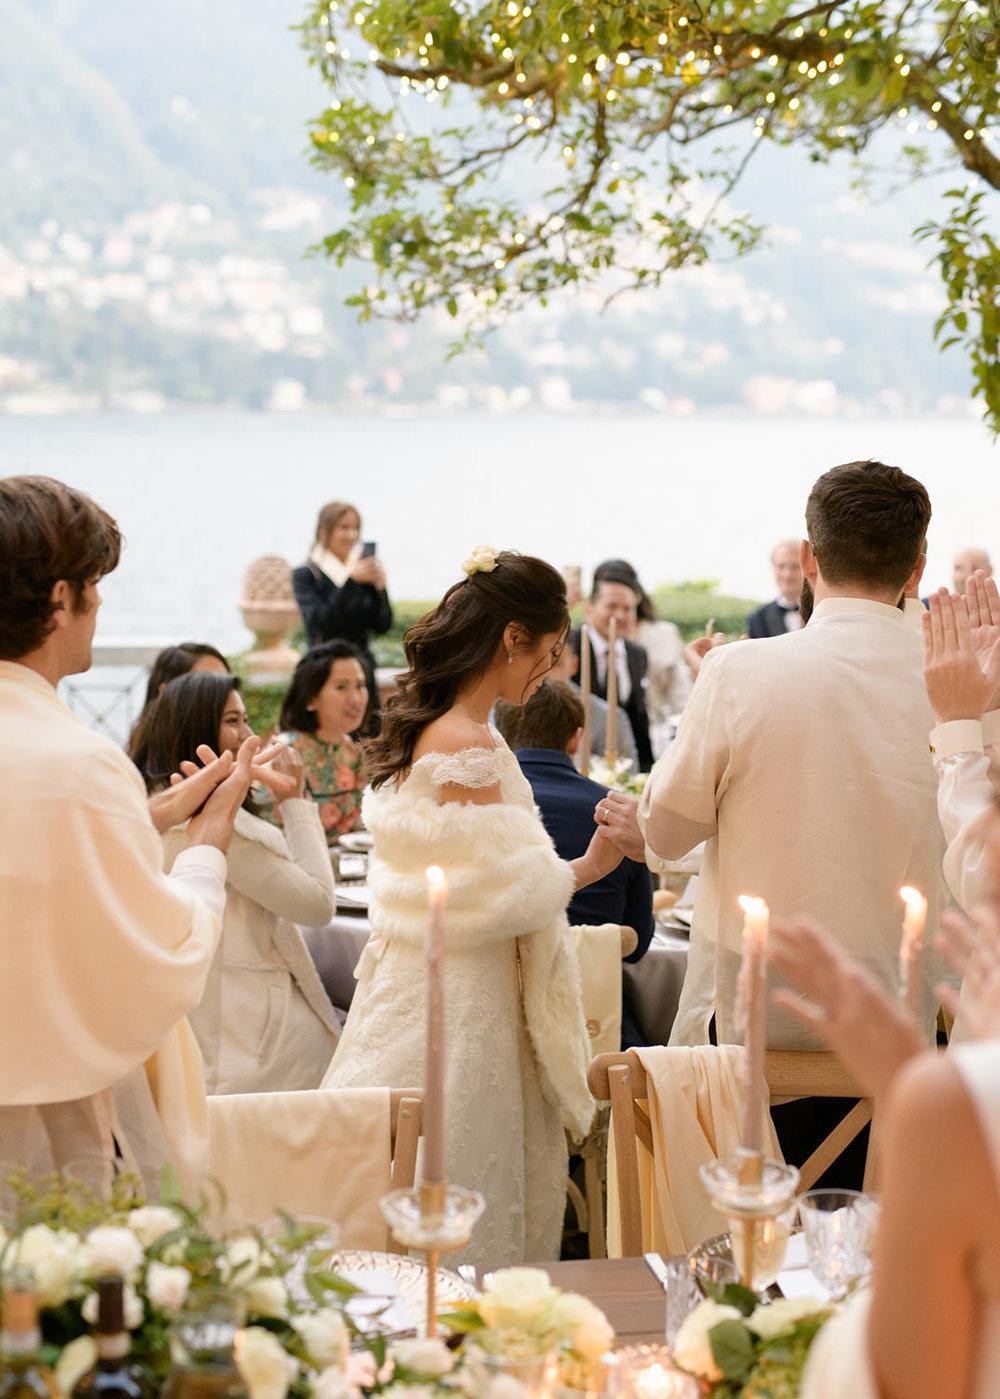 villa-regina-teodolinda-wedding-photographer-C&B-©bottega53-102.JPG